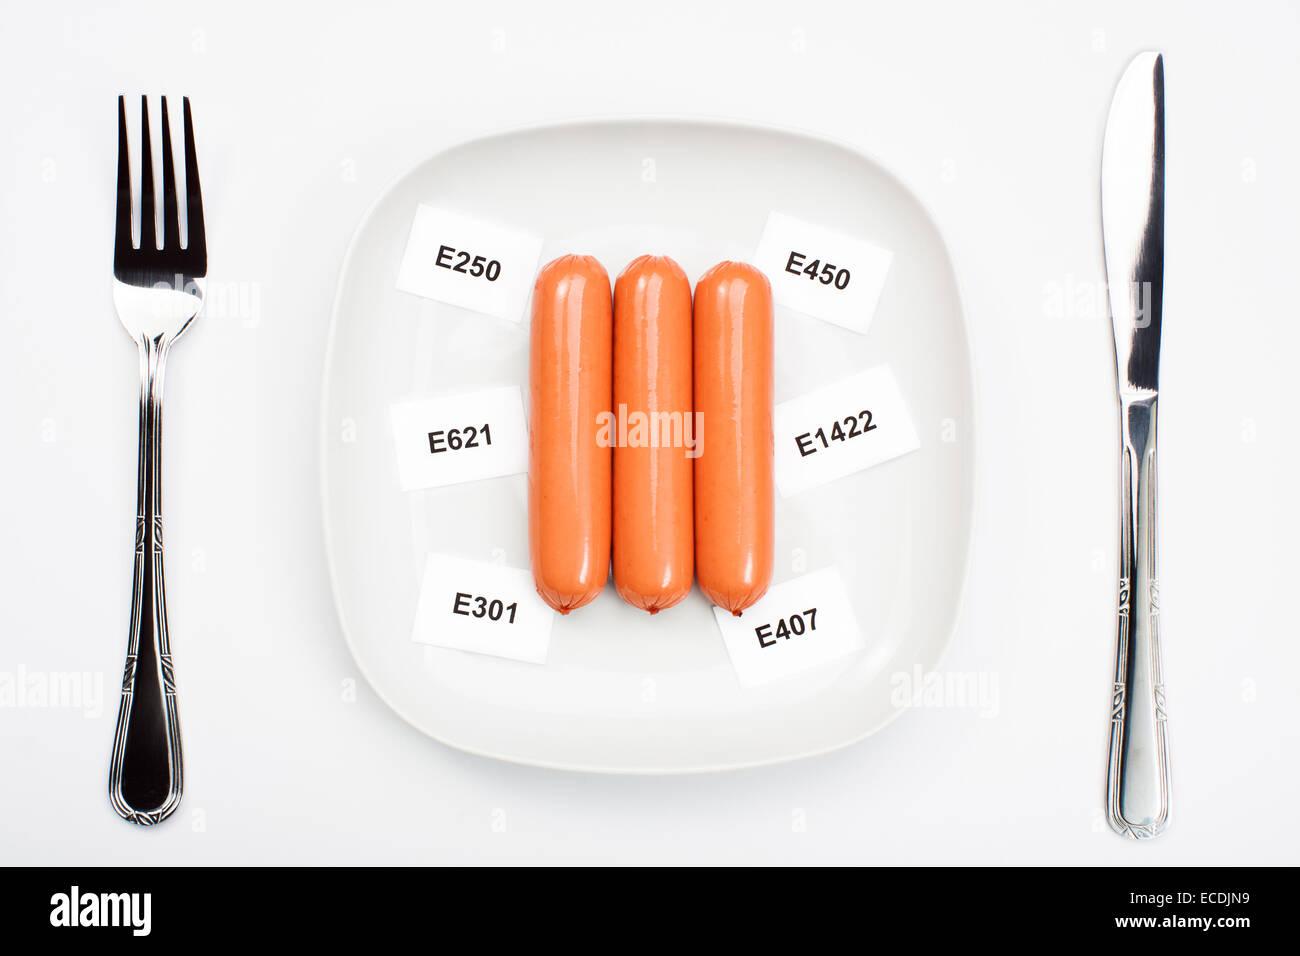 Cibo malsano concetto - additivi chimici nei prodotti alimentari. Salsicce su piastra Immagini Stock